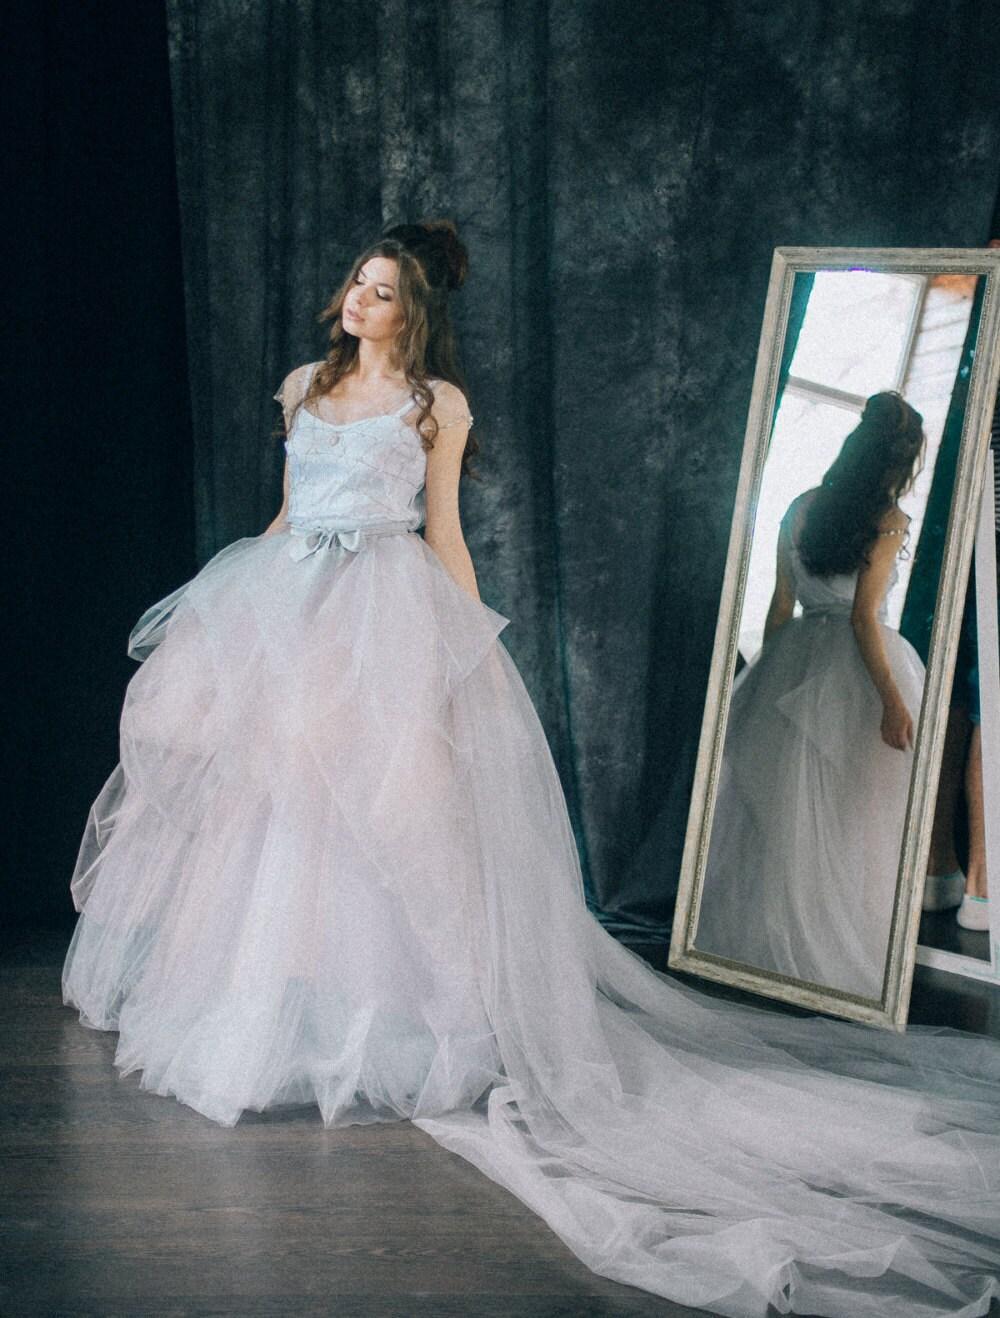 Verzierte Brautkleid bestickt Brautkleid kennenlernen